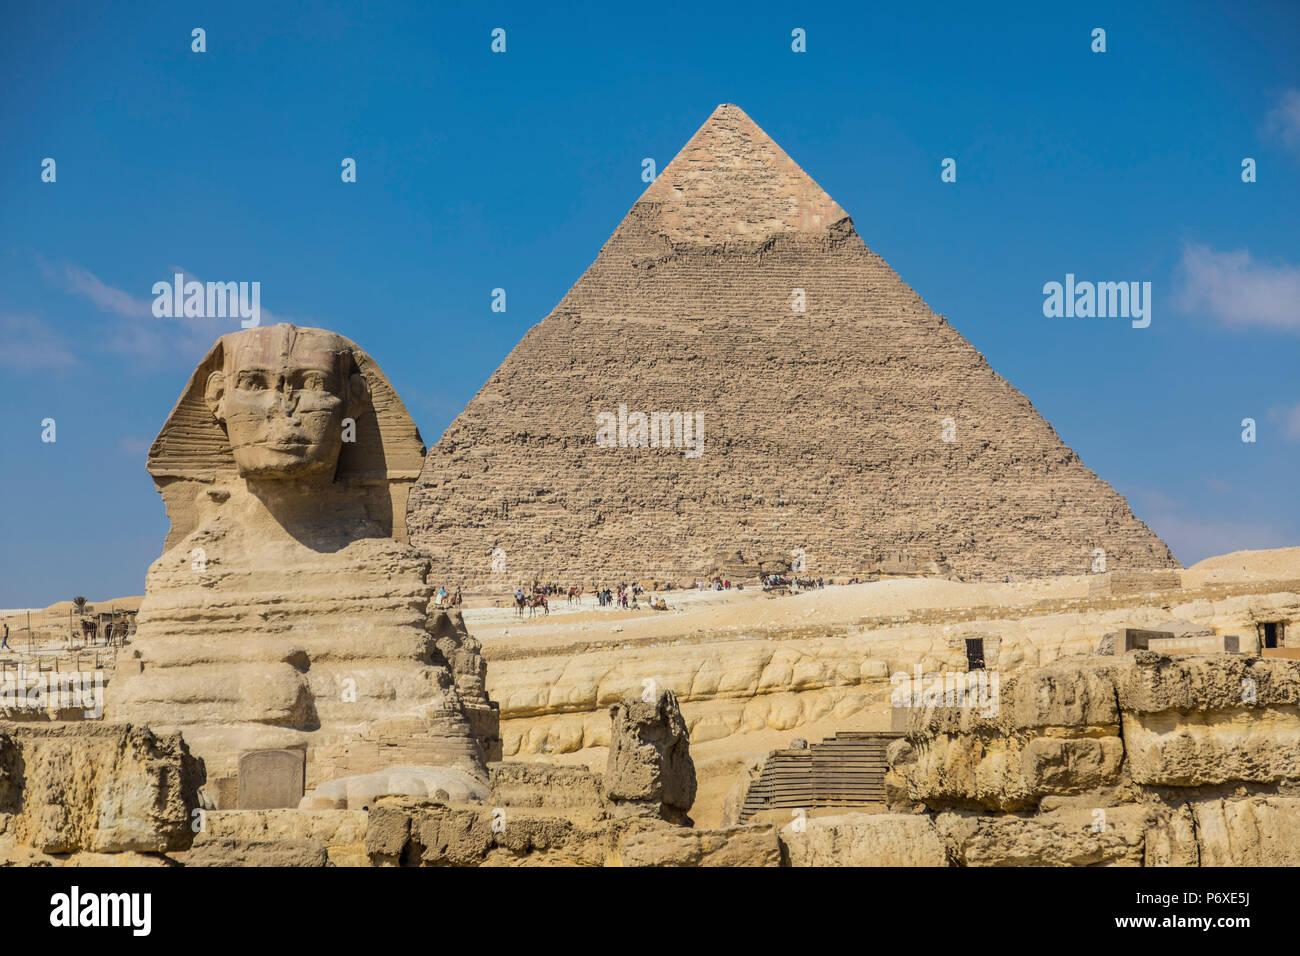 La sfinge e la piramide di Khafre (Chephren), Piramidi di Giza, Giza, il Cairo, Egitto Immagini Stock